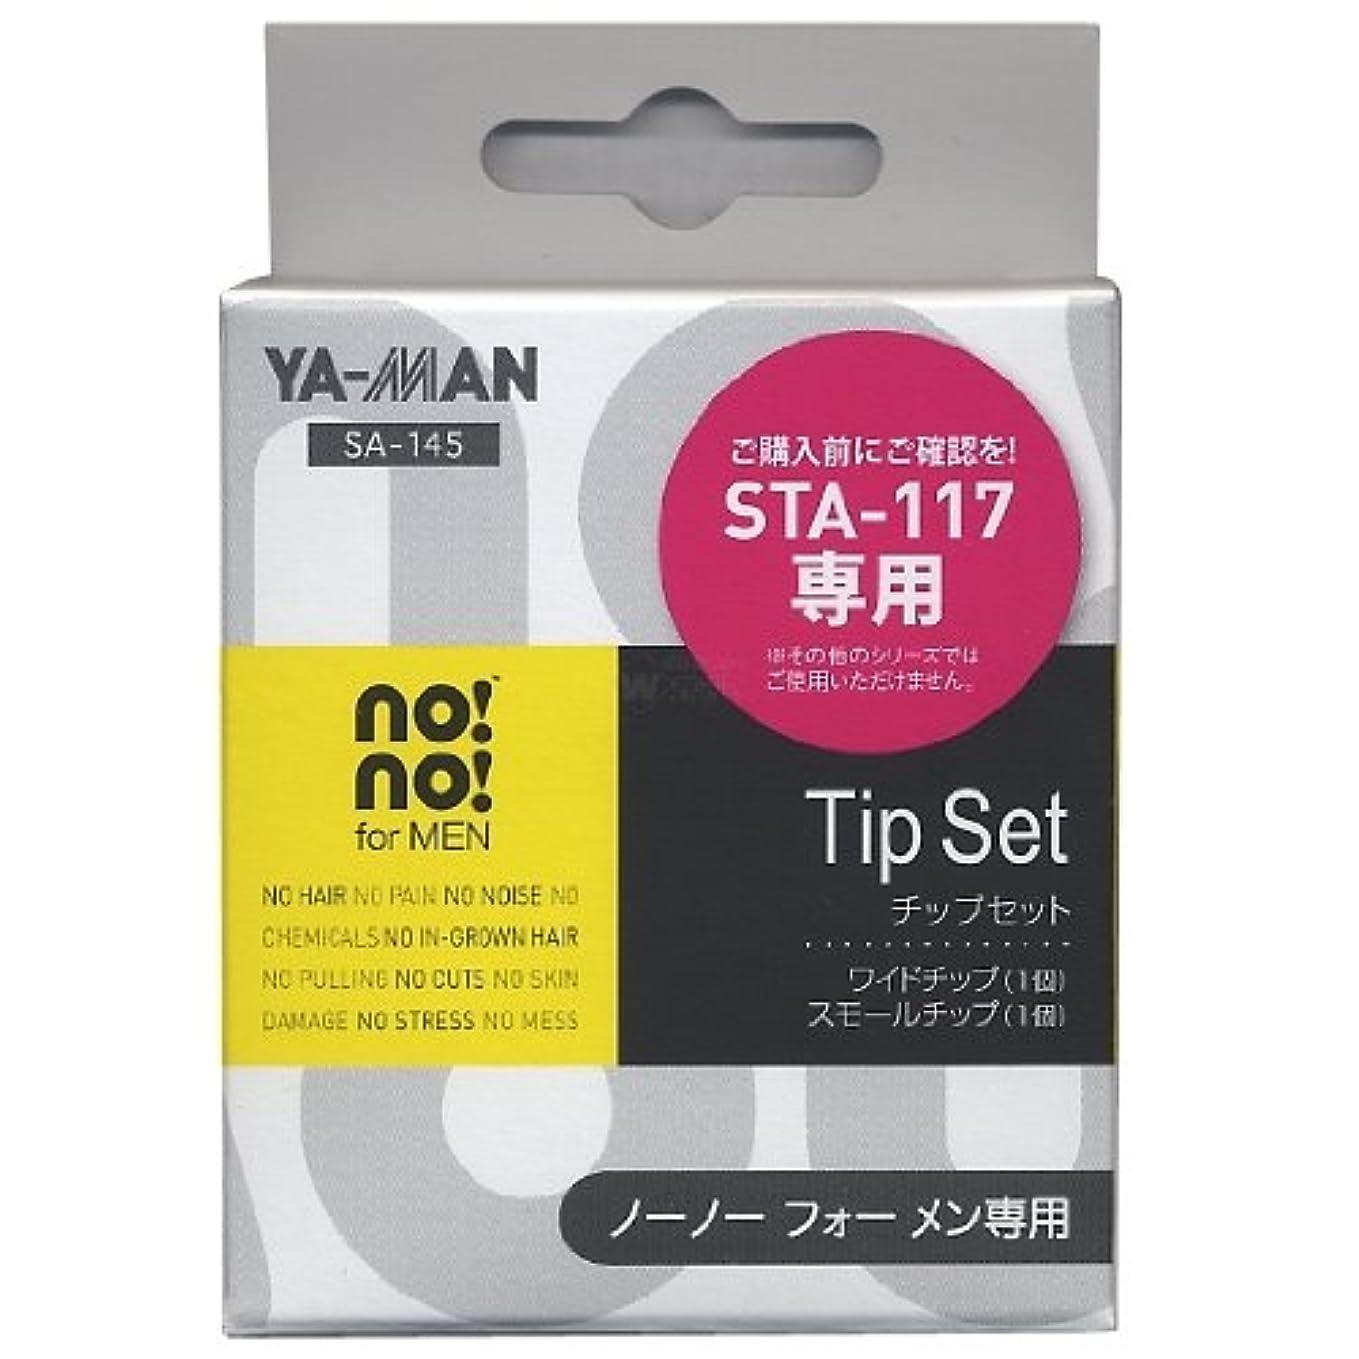 男性省盆地ヤーマン ノーノーフォーメン 専用 ブレードチップセット ワイド×1 スモール×1 SA-145